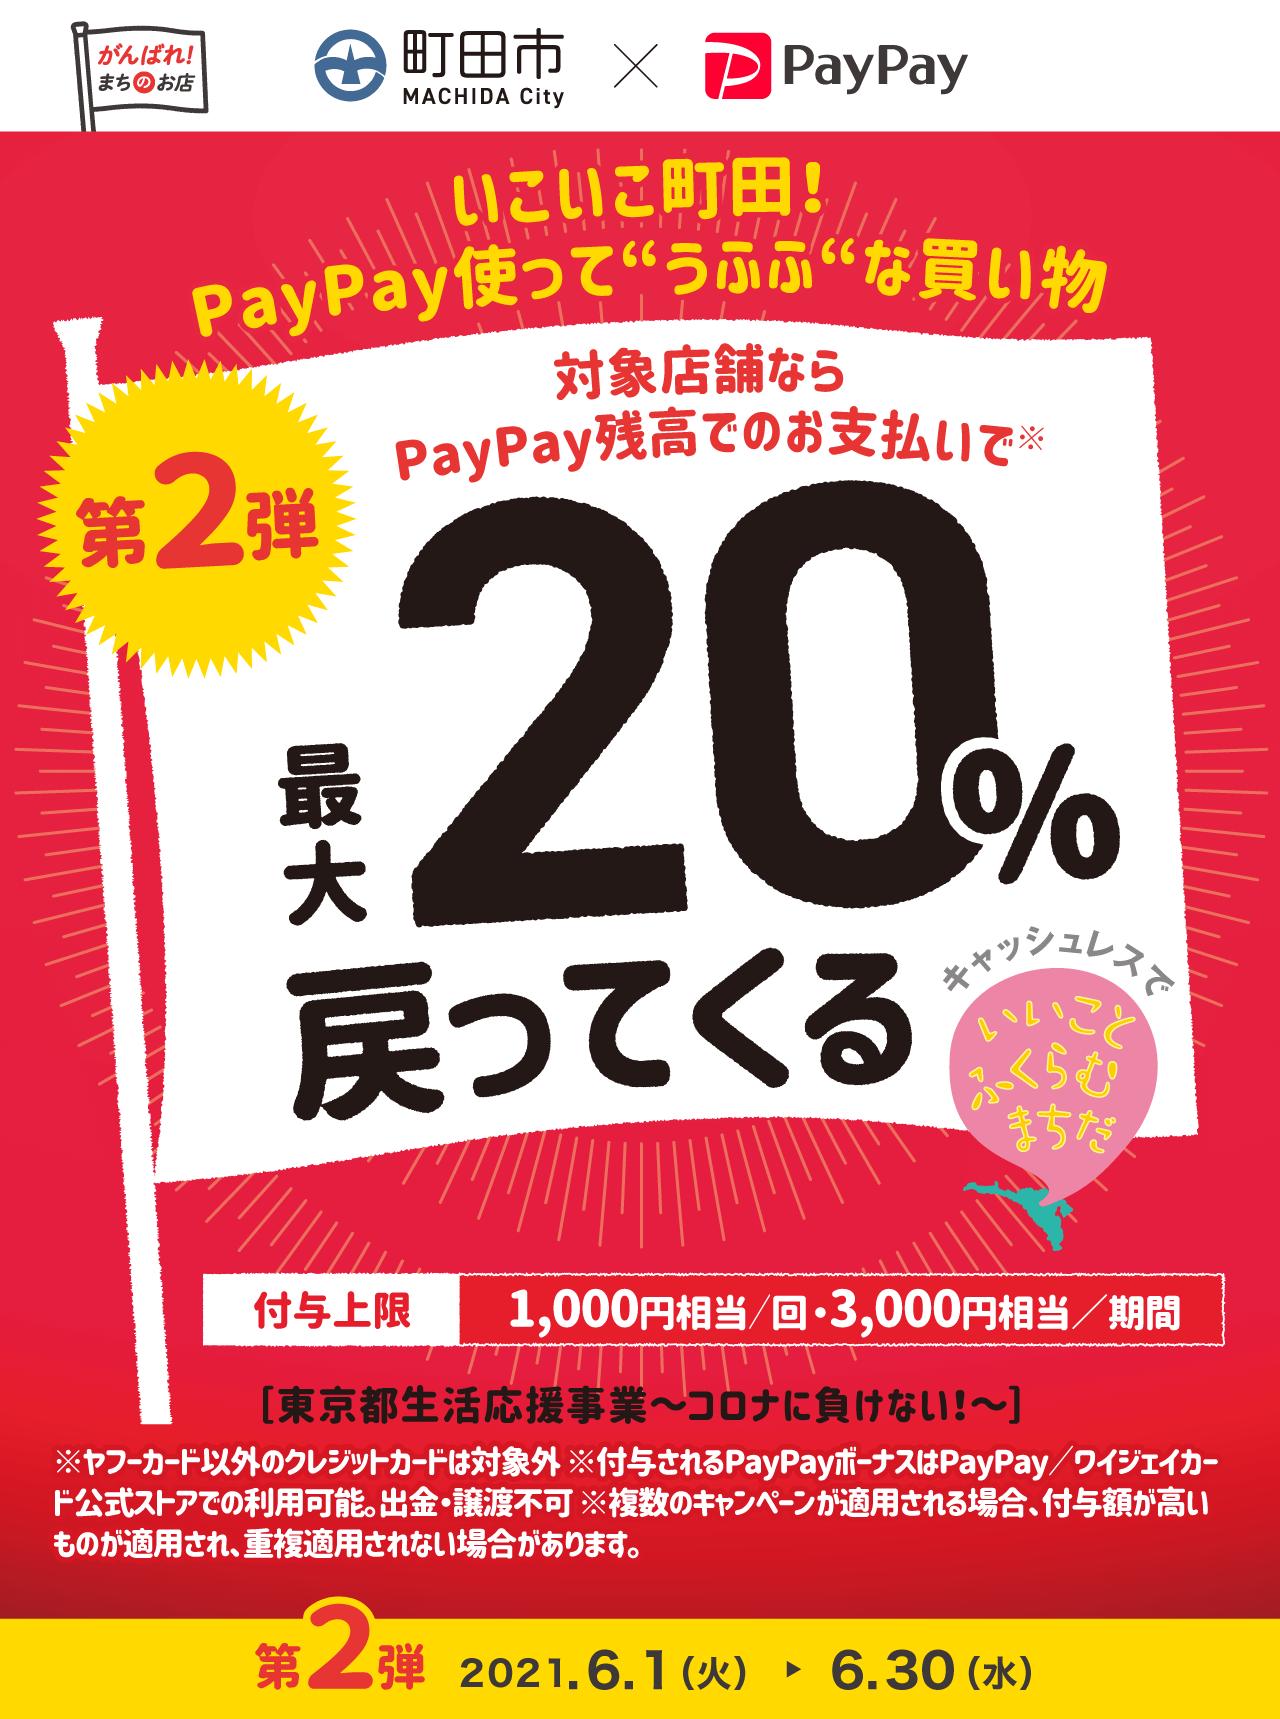 """いこいこ町田!PayPay使って""""うふふ""""な買い物 第2弾 対象店舗ならPayPay残高でのお支払いで最大20%戻ってくる"""